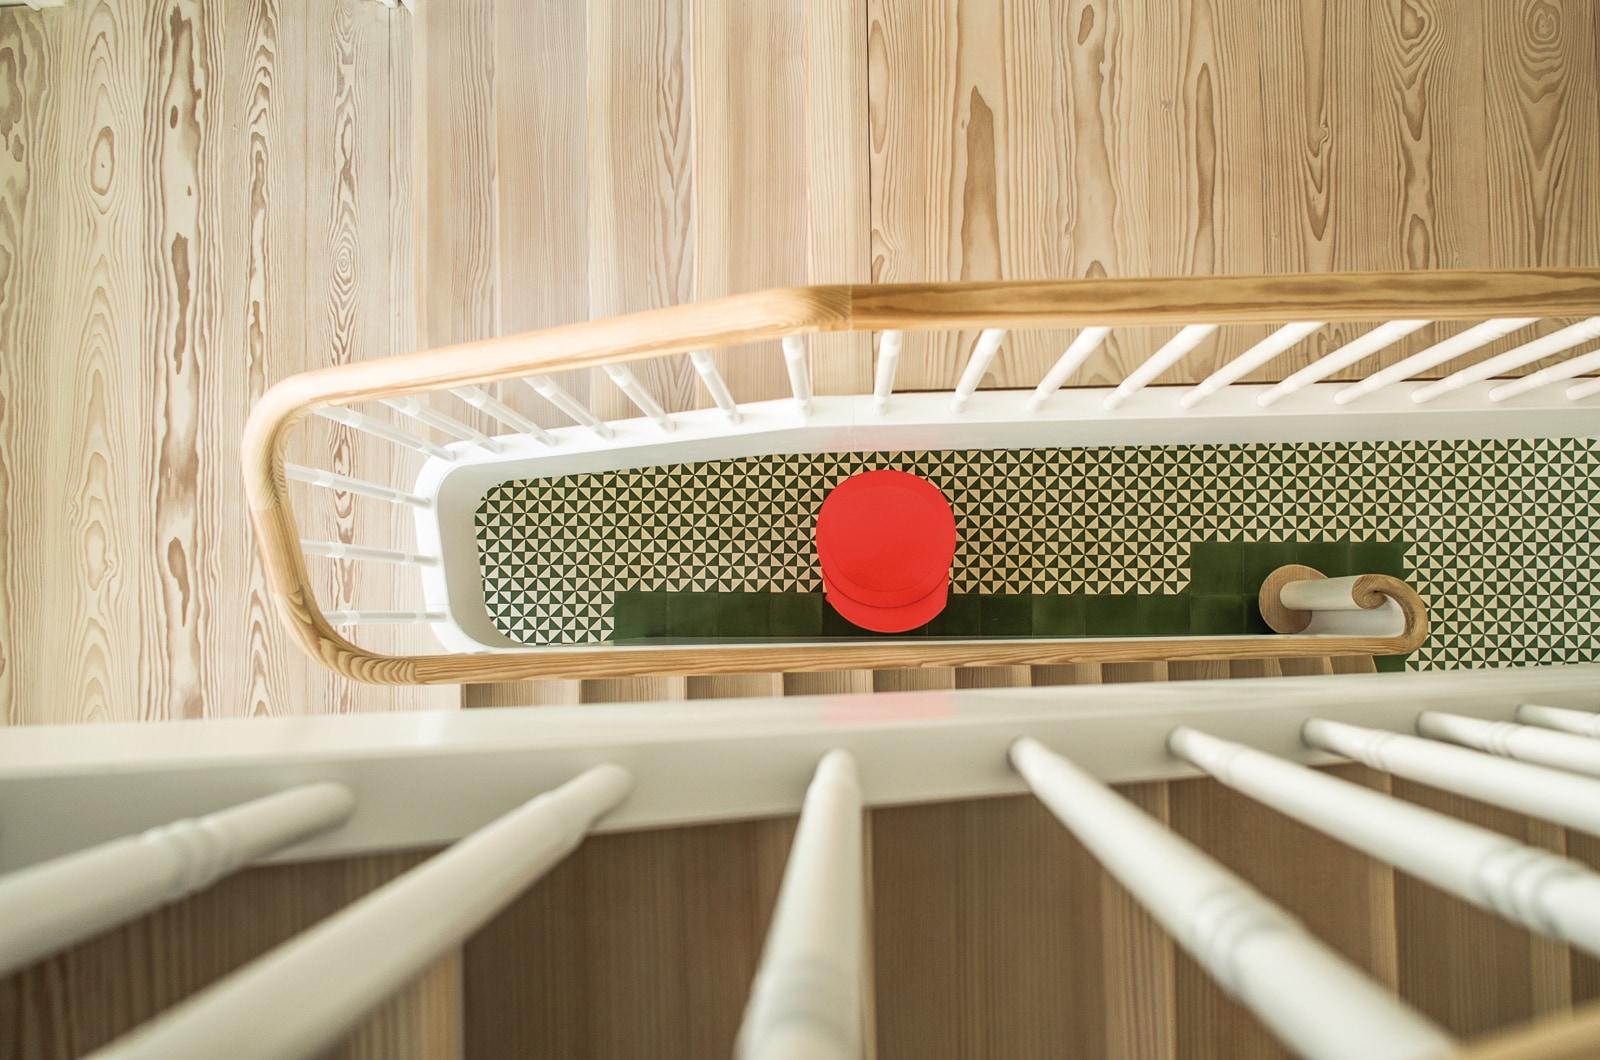 zementmosaikplatte-nummer-10453-treppenauge-via-gmbh | 10453